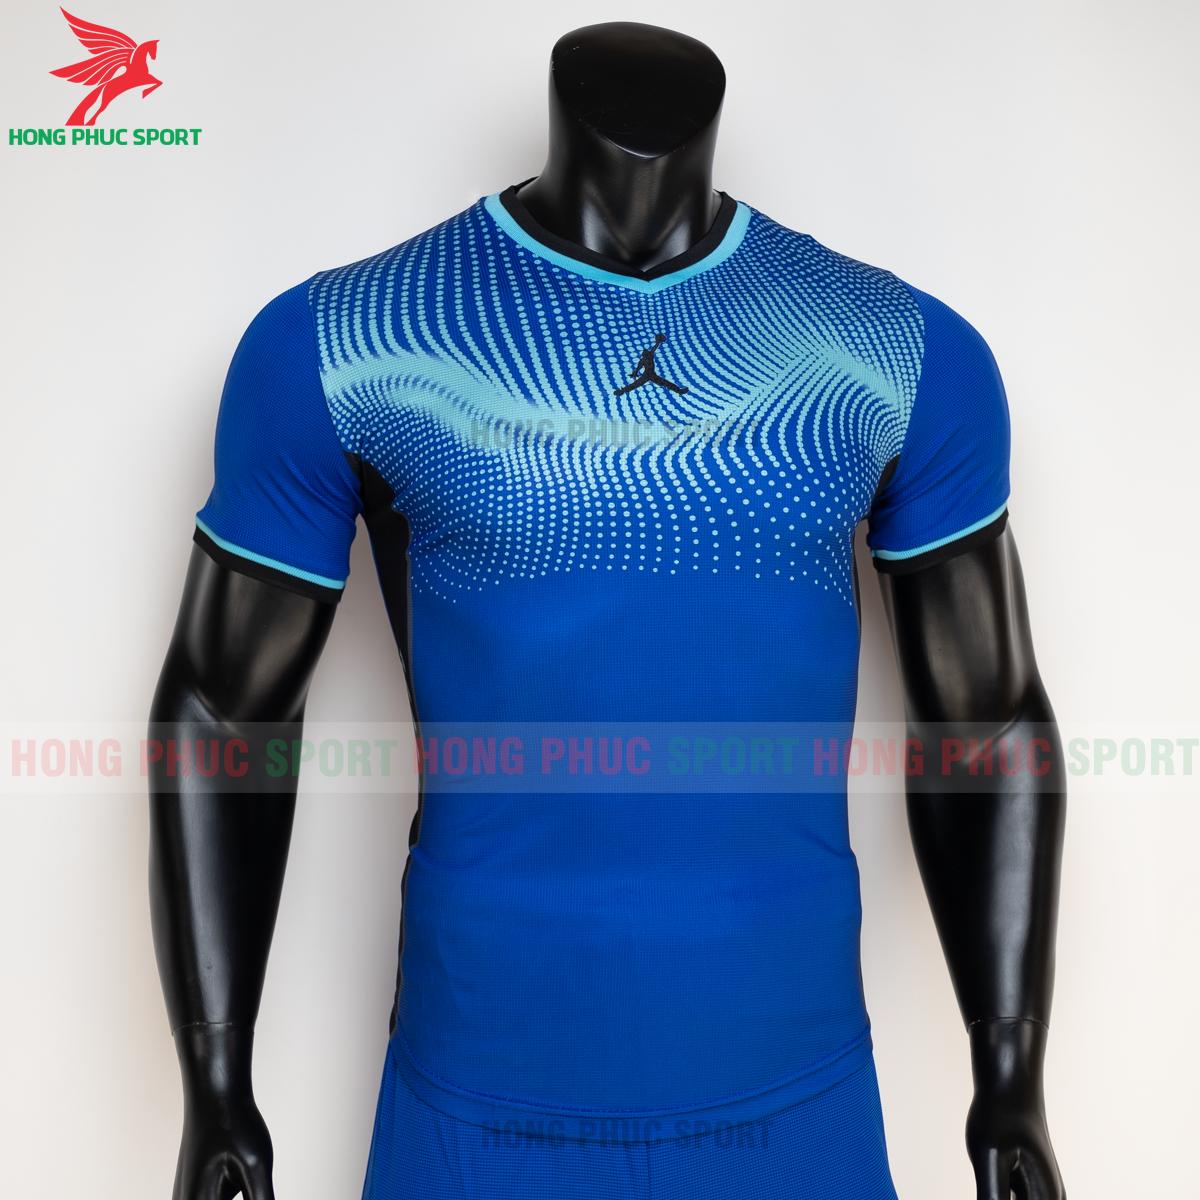 https://cdn.hongphucsport.com/unsafe/s4.shopbay.vn/files/285/ao-bong-chuyen-khong-logo-jordan-wave-mau-xanh-duong-2-605021bf7e31f.png